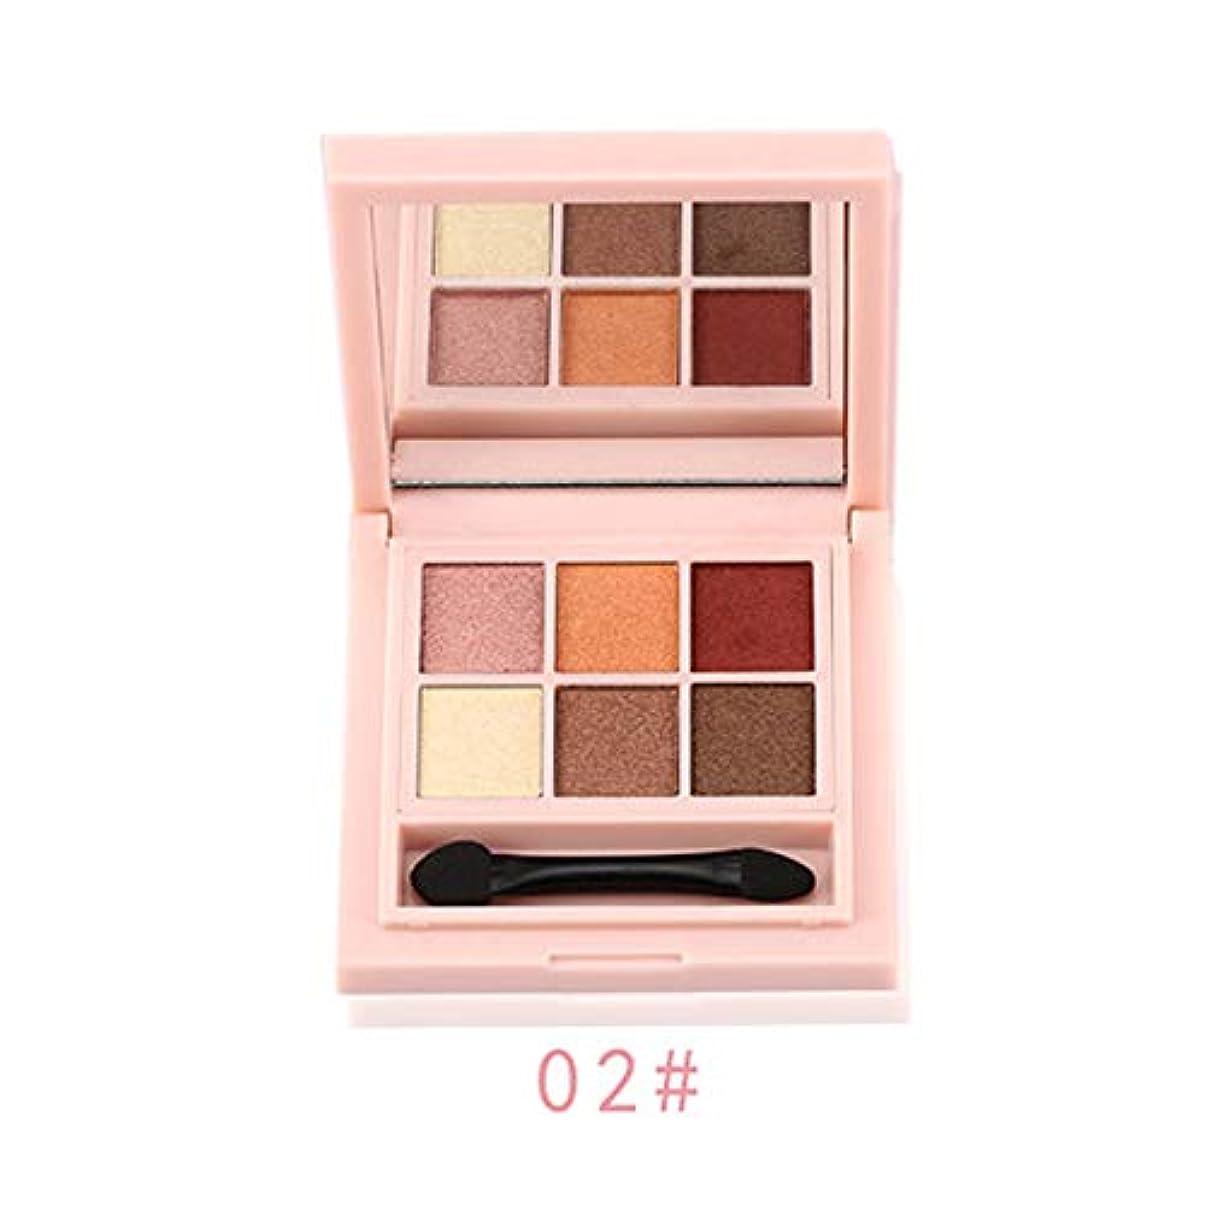 何構成するポインタAkane アイシャドウパレット ファッション 少女系 かぼちゃ色 アースカラー 綺麗 ワインレッド 可愛い グレープフルーツ 美しい マット 魅力的 持ち便利 日常 Eye Shadow (6色) ES086